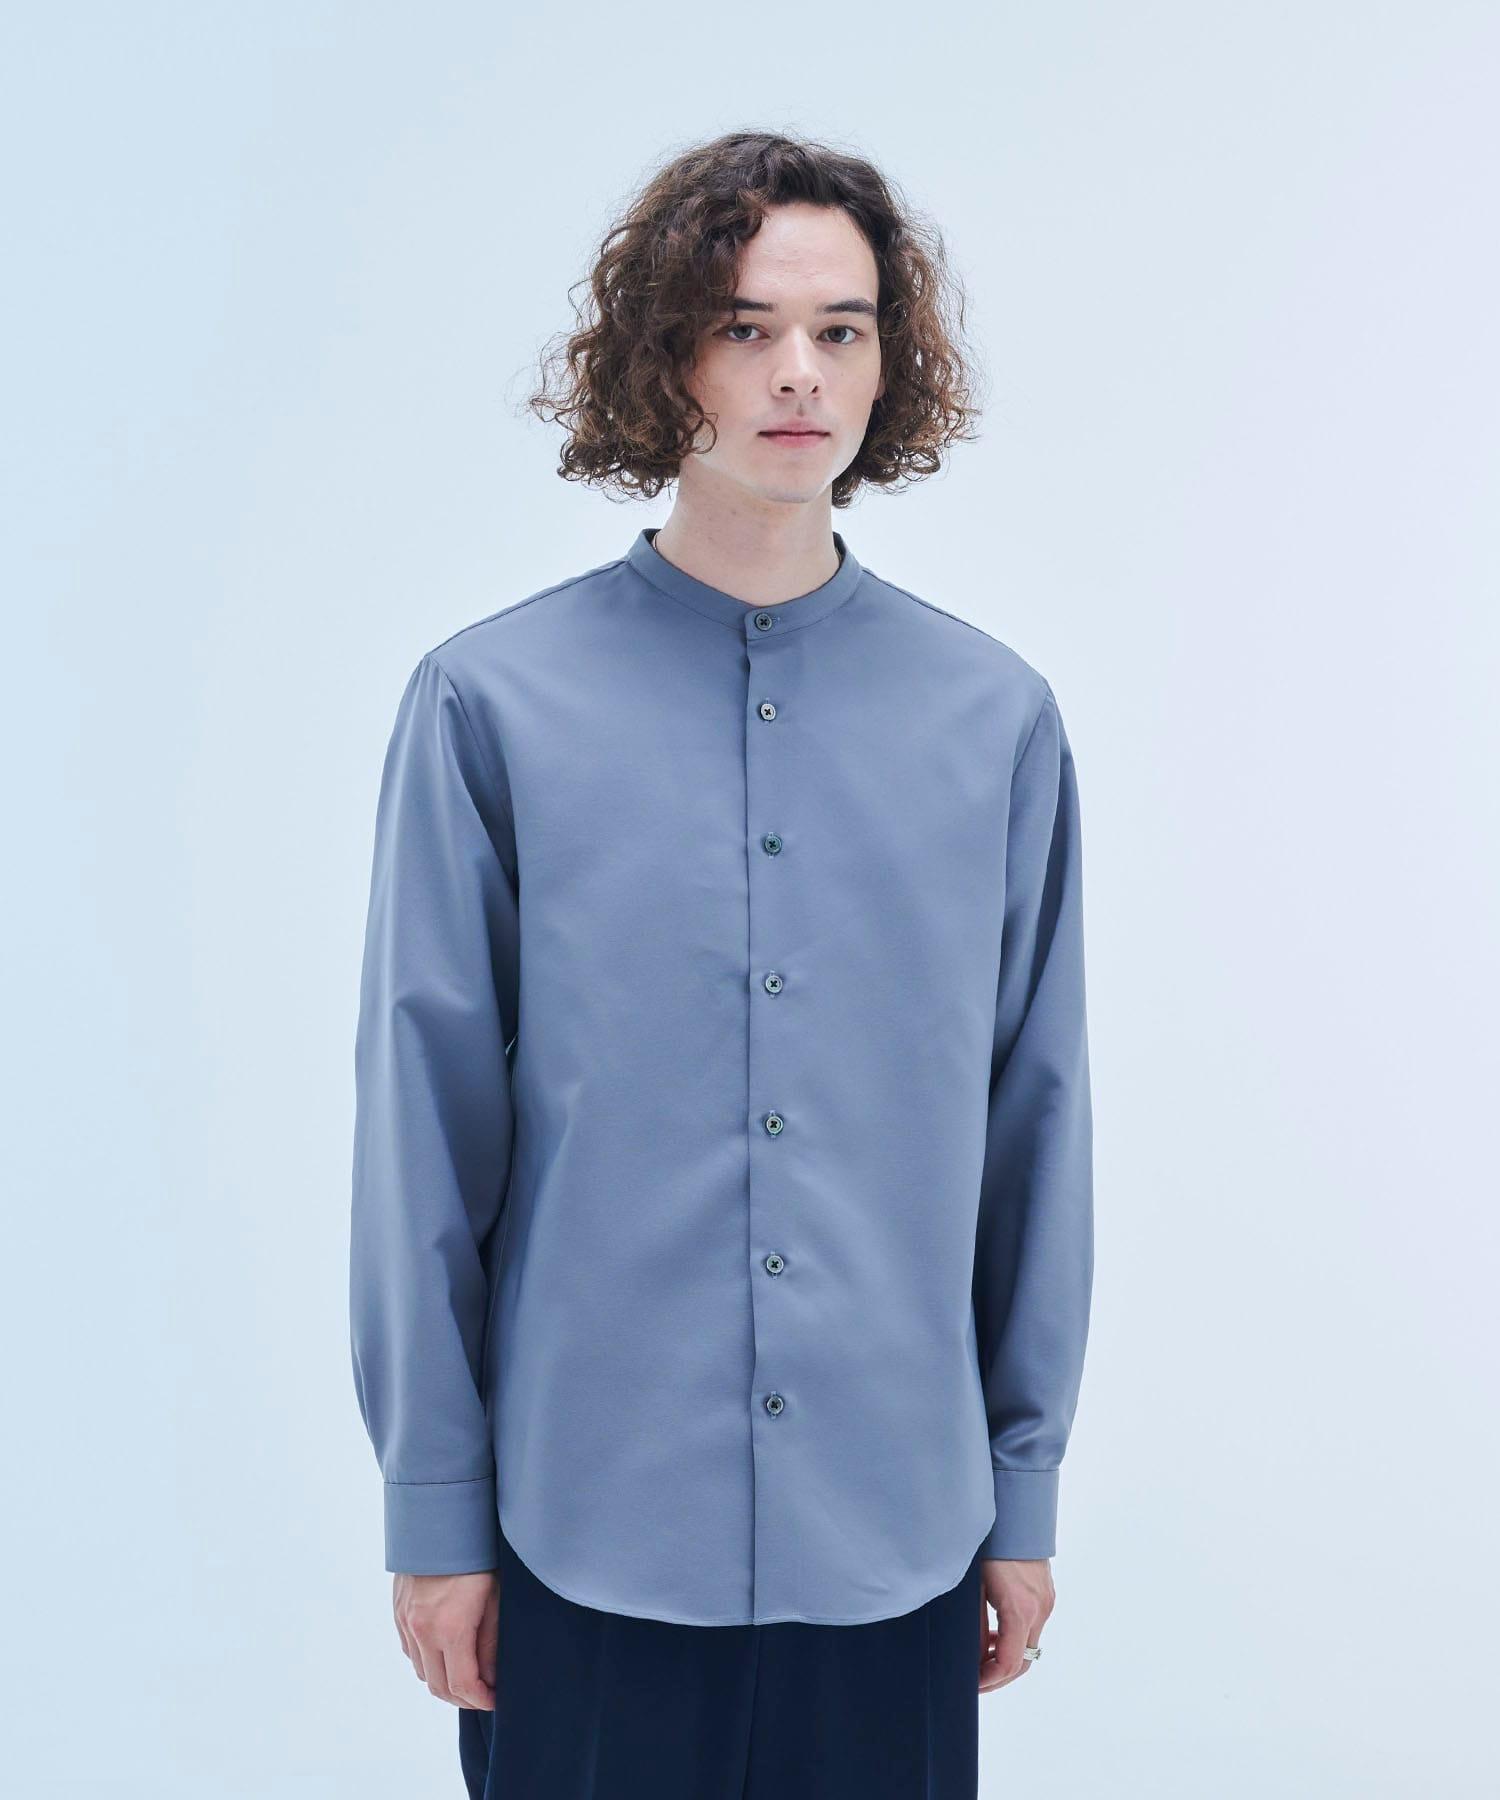 【OnE】ストレッチダブルクロスバンドシャツ